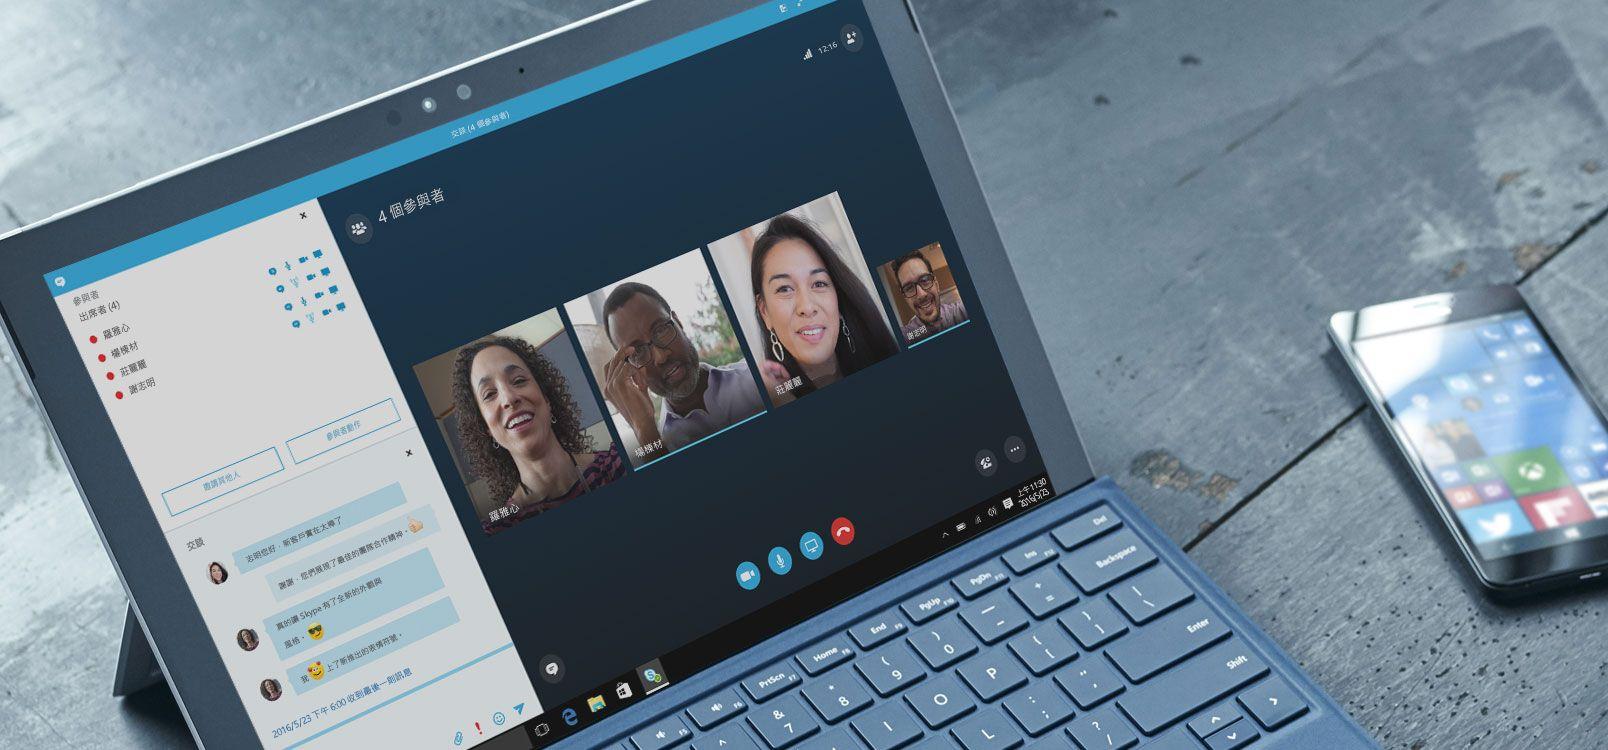 在平板電腦與智慧型手機上使用 Office 365 進行文件共同作業的一名女士。